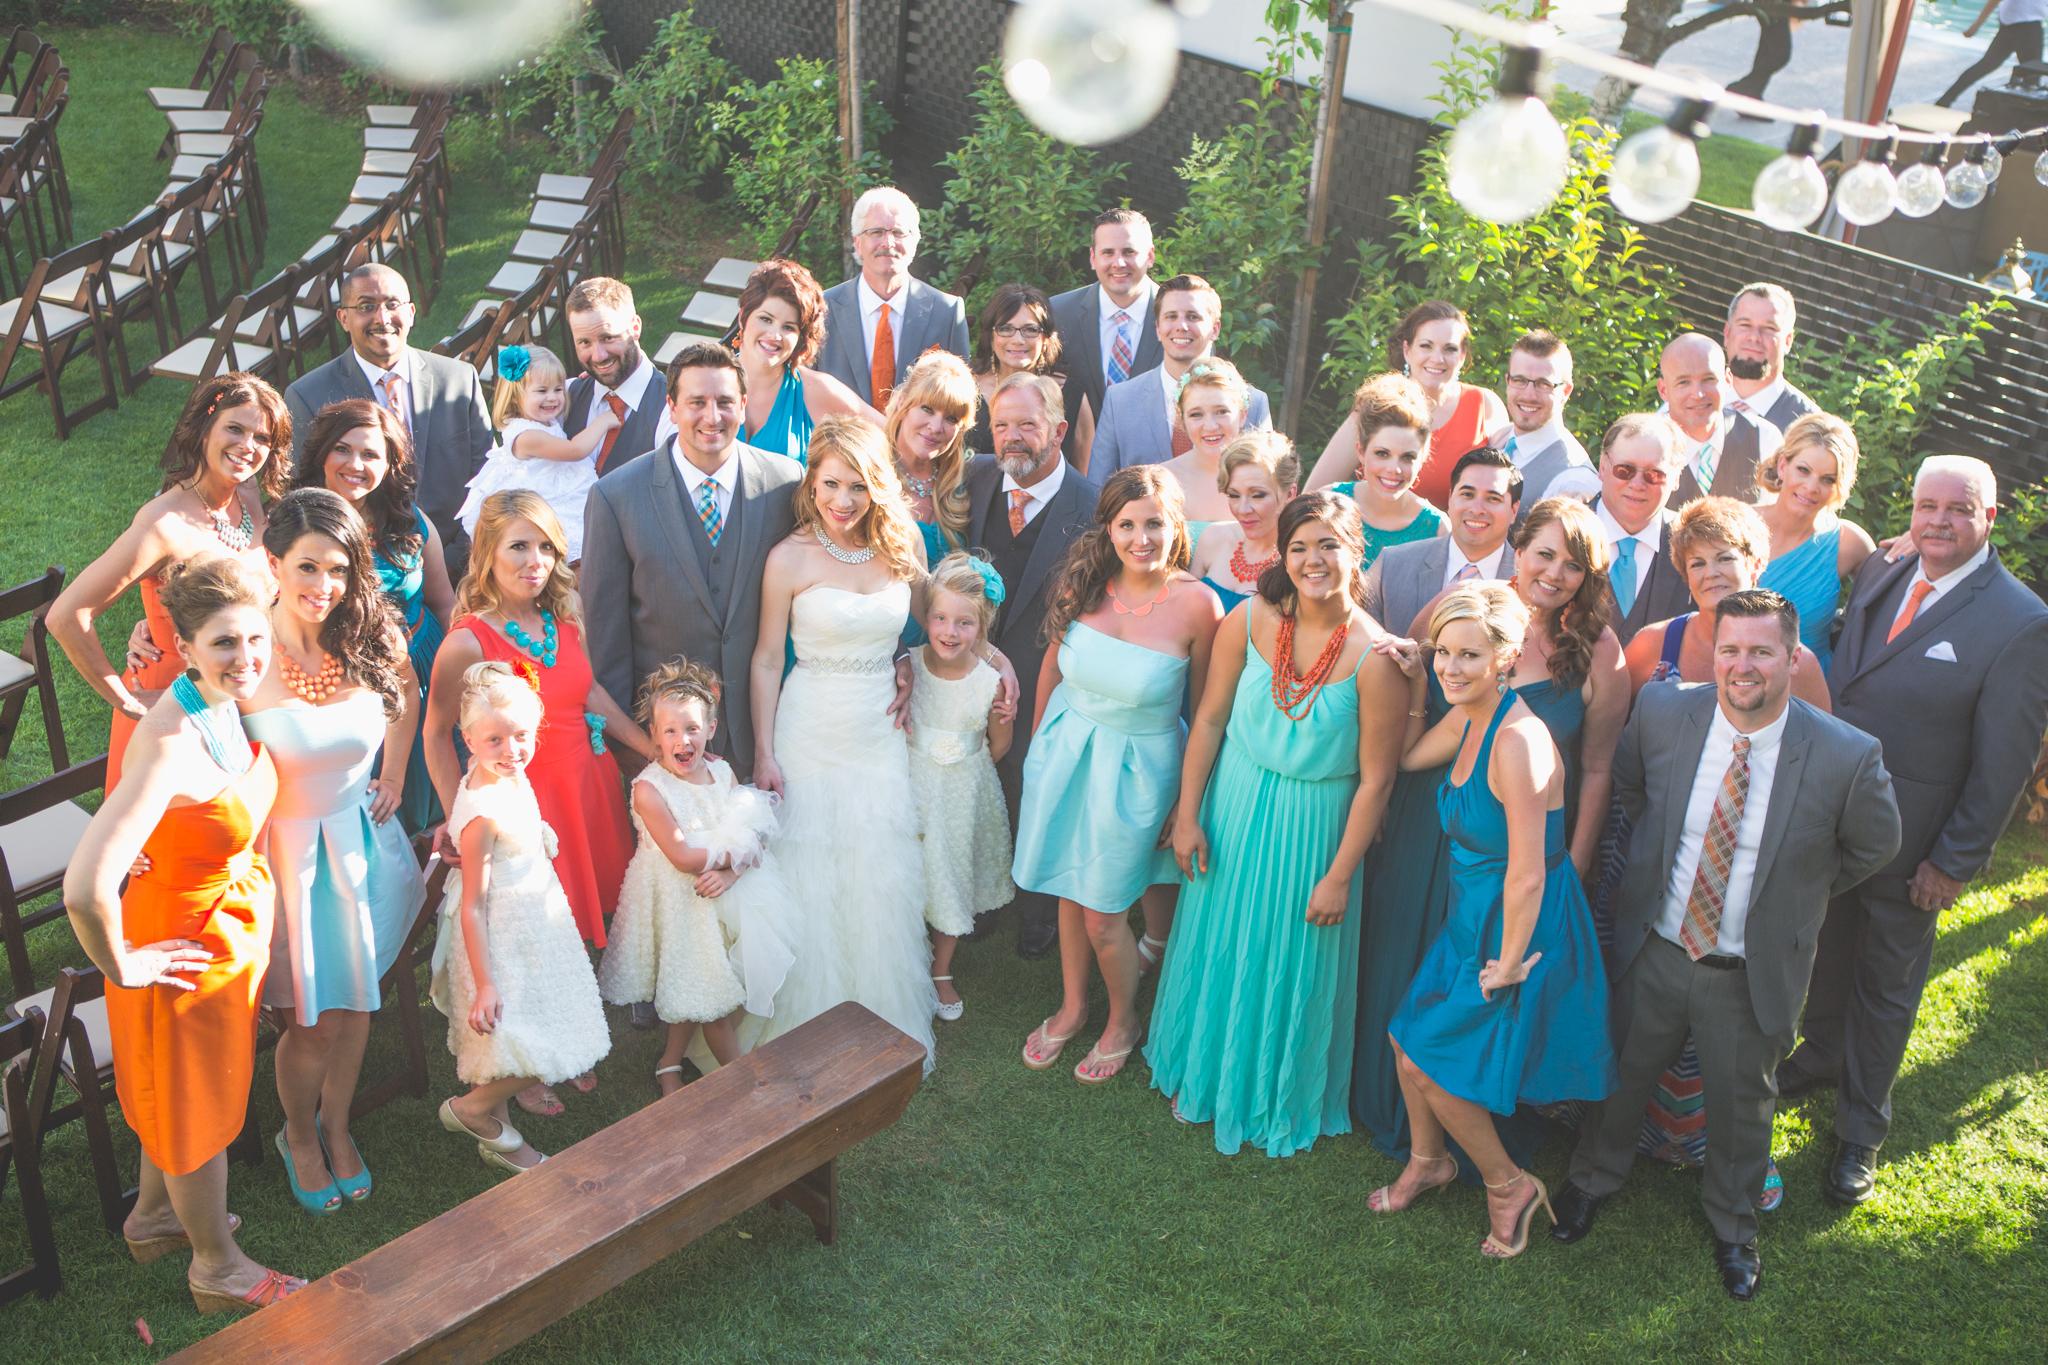 scottsdale-wedding-photographer-el-dorado-colorful-large-group-family-shot